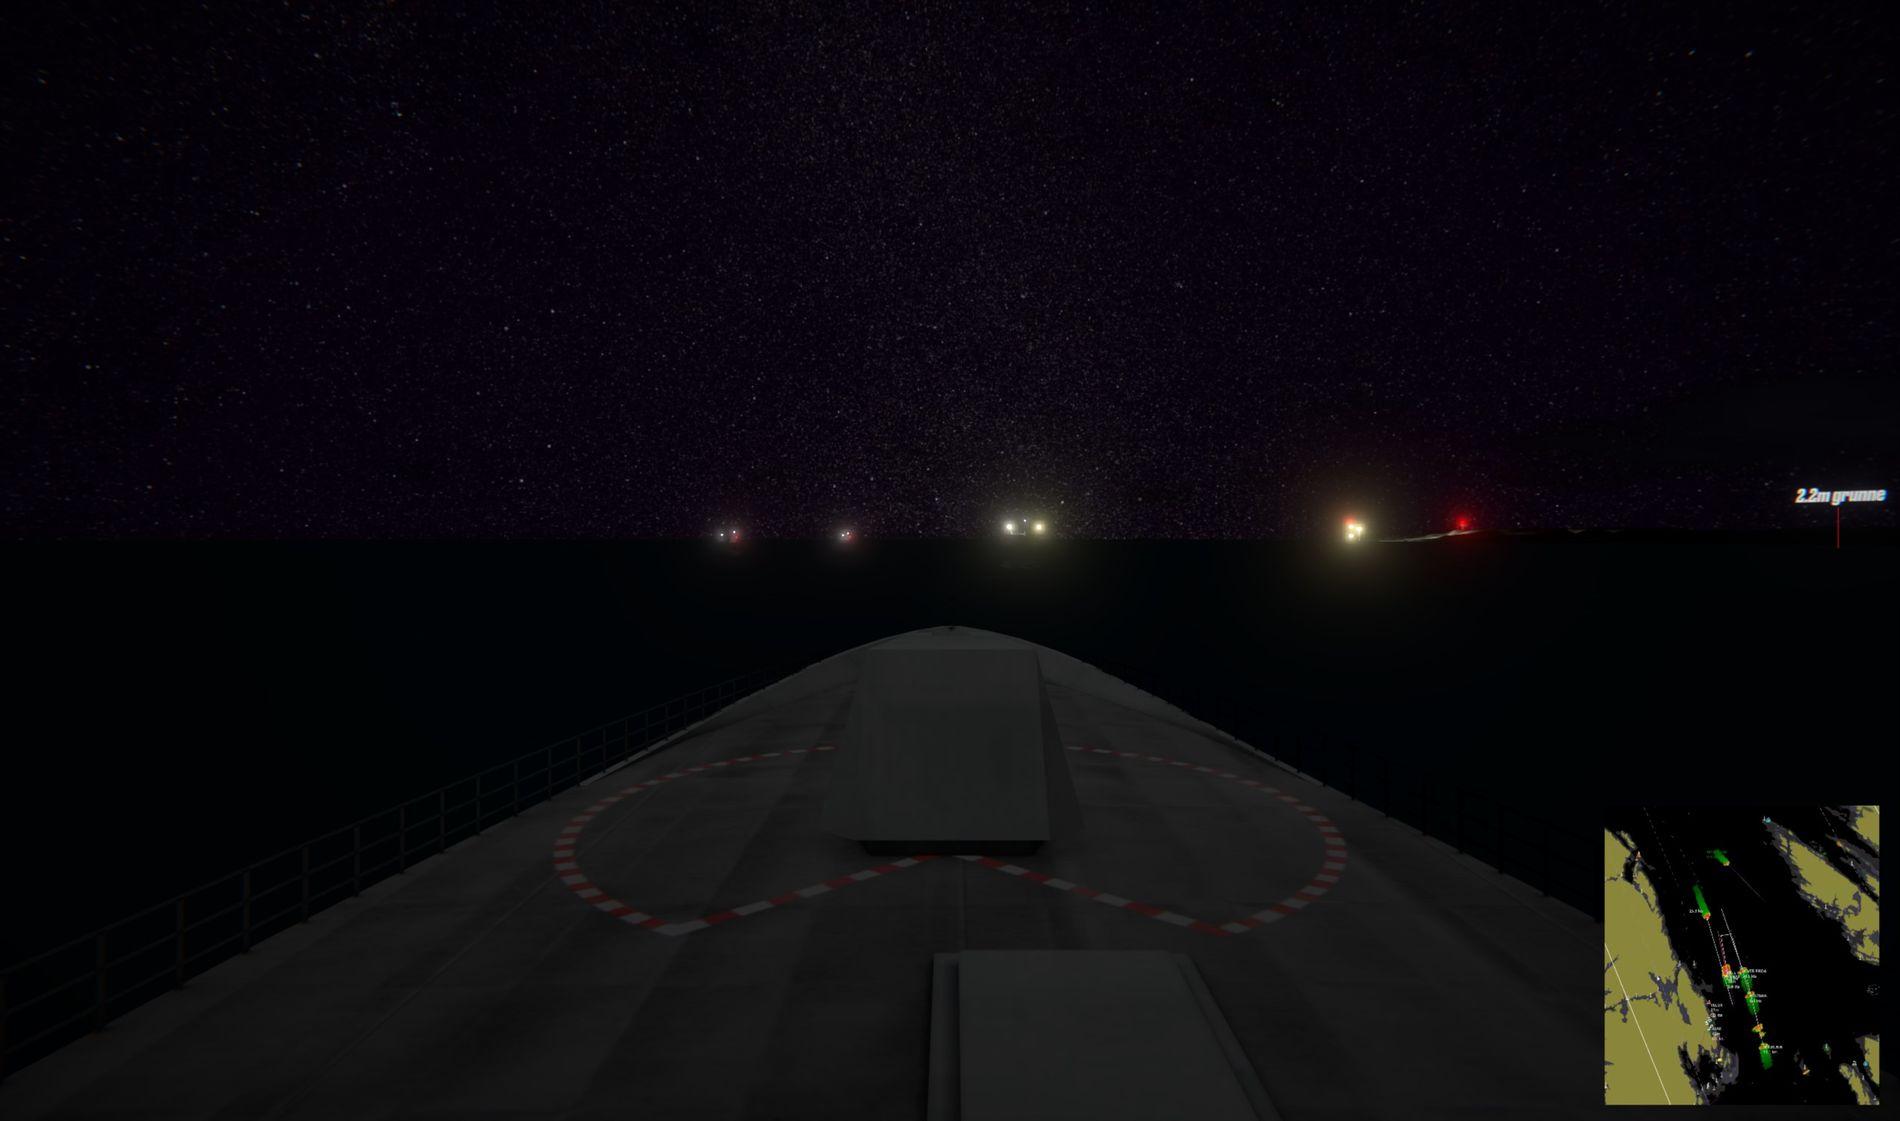 I MØRKET: VG har laget en 3D-modell av de siste kritiske minuttene før skipet krasjer. Dette bildet viser hvordan utsynet fra kommandobroen på «Helge Ingstad» kan ha vært. Der fremme ligger «Sola TS» med dekkslys på, med Stureterminalen til høyre i bildet.